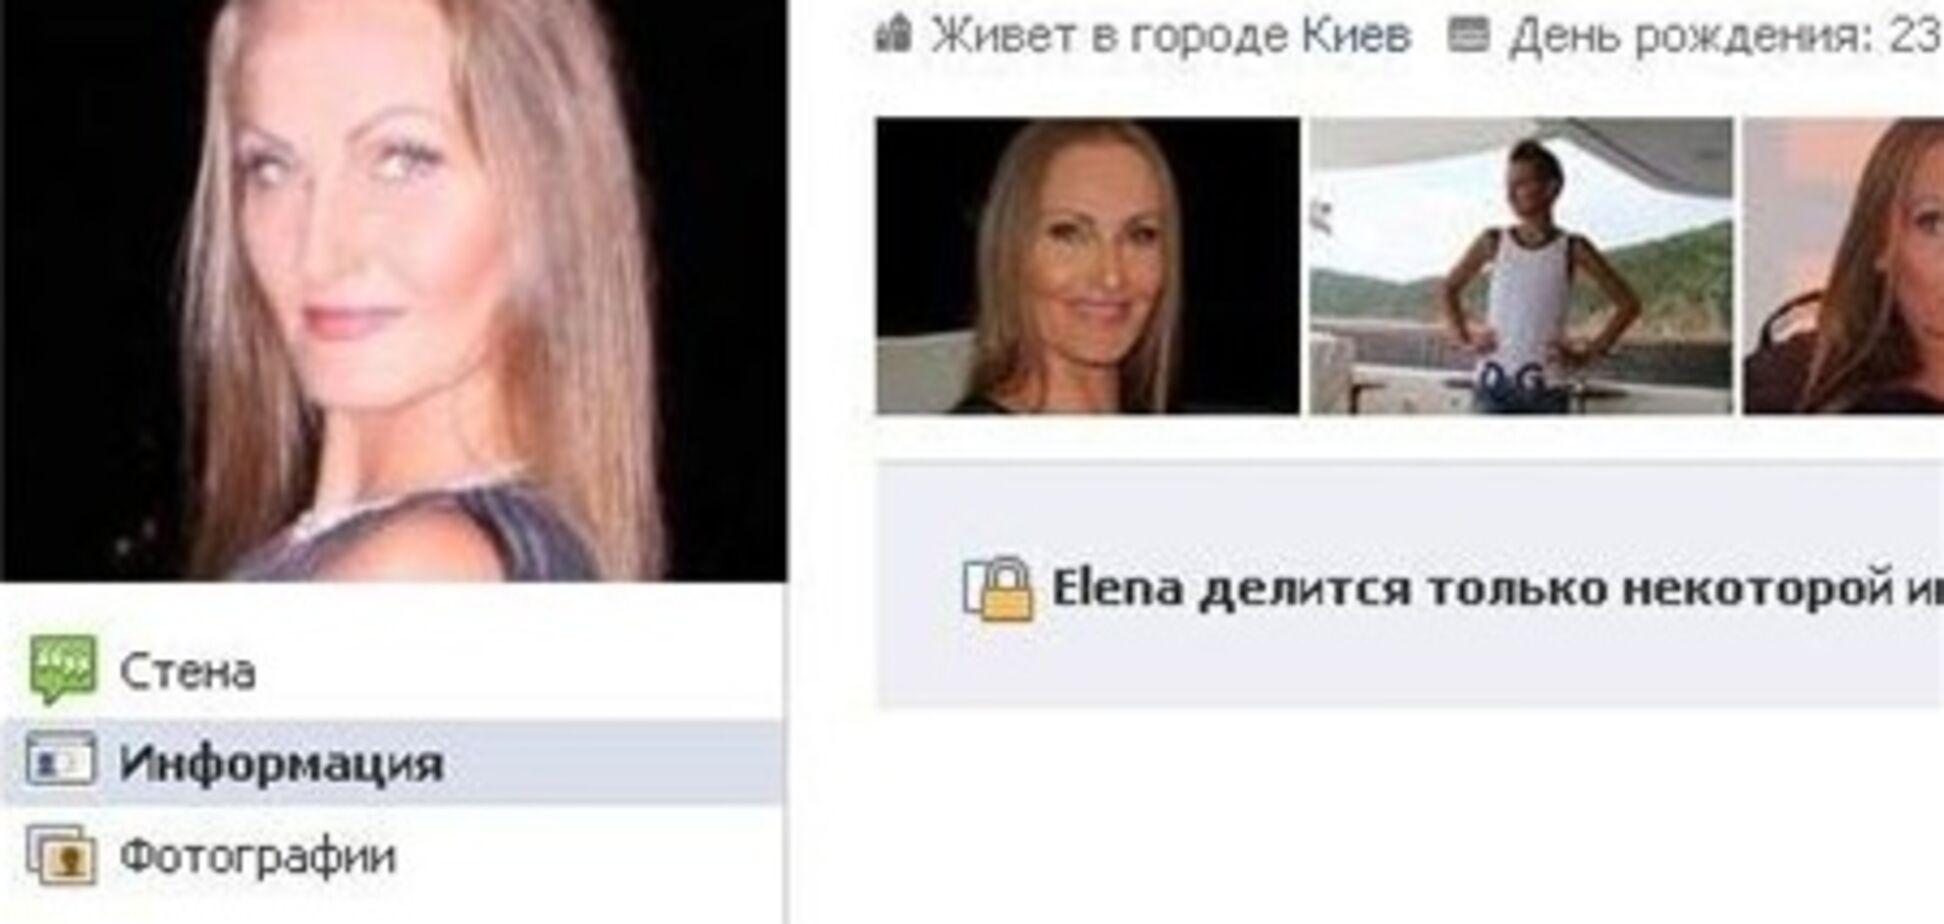 Елена Савчук стала Черновецкой